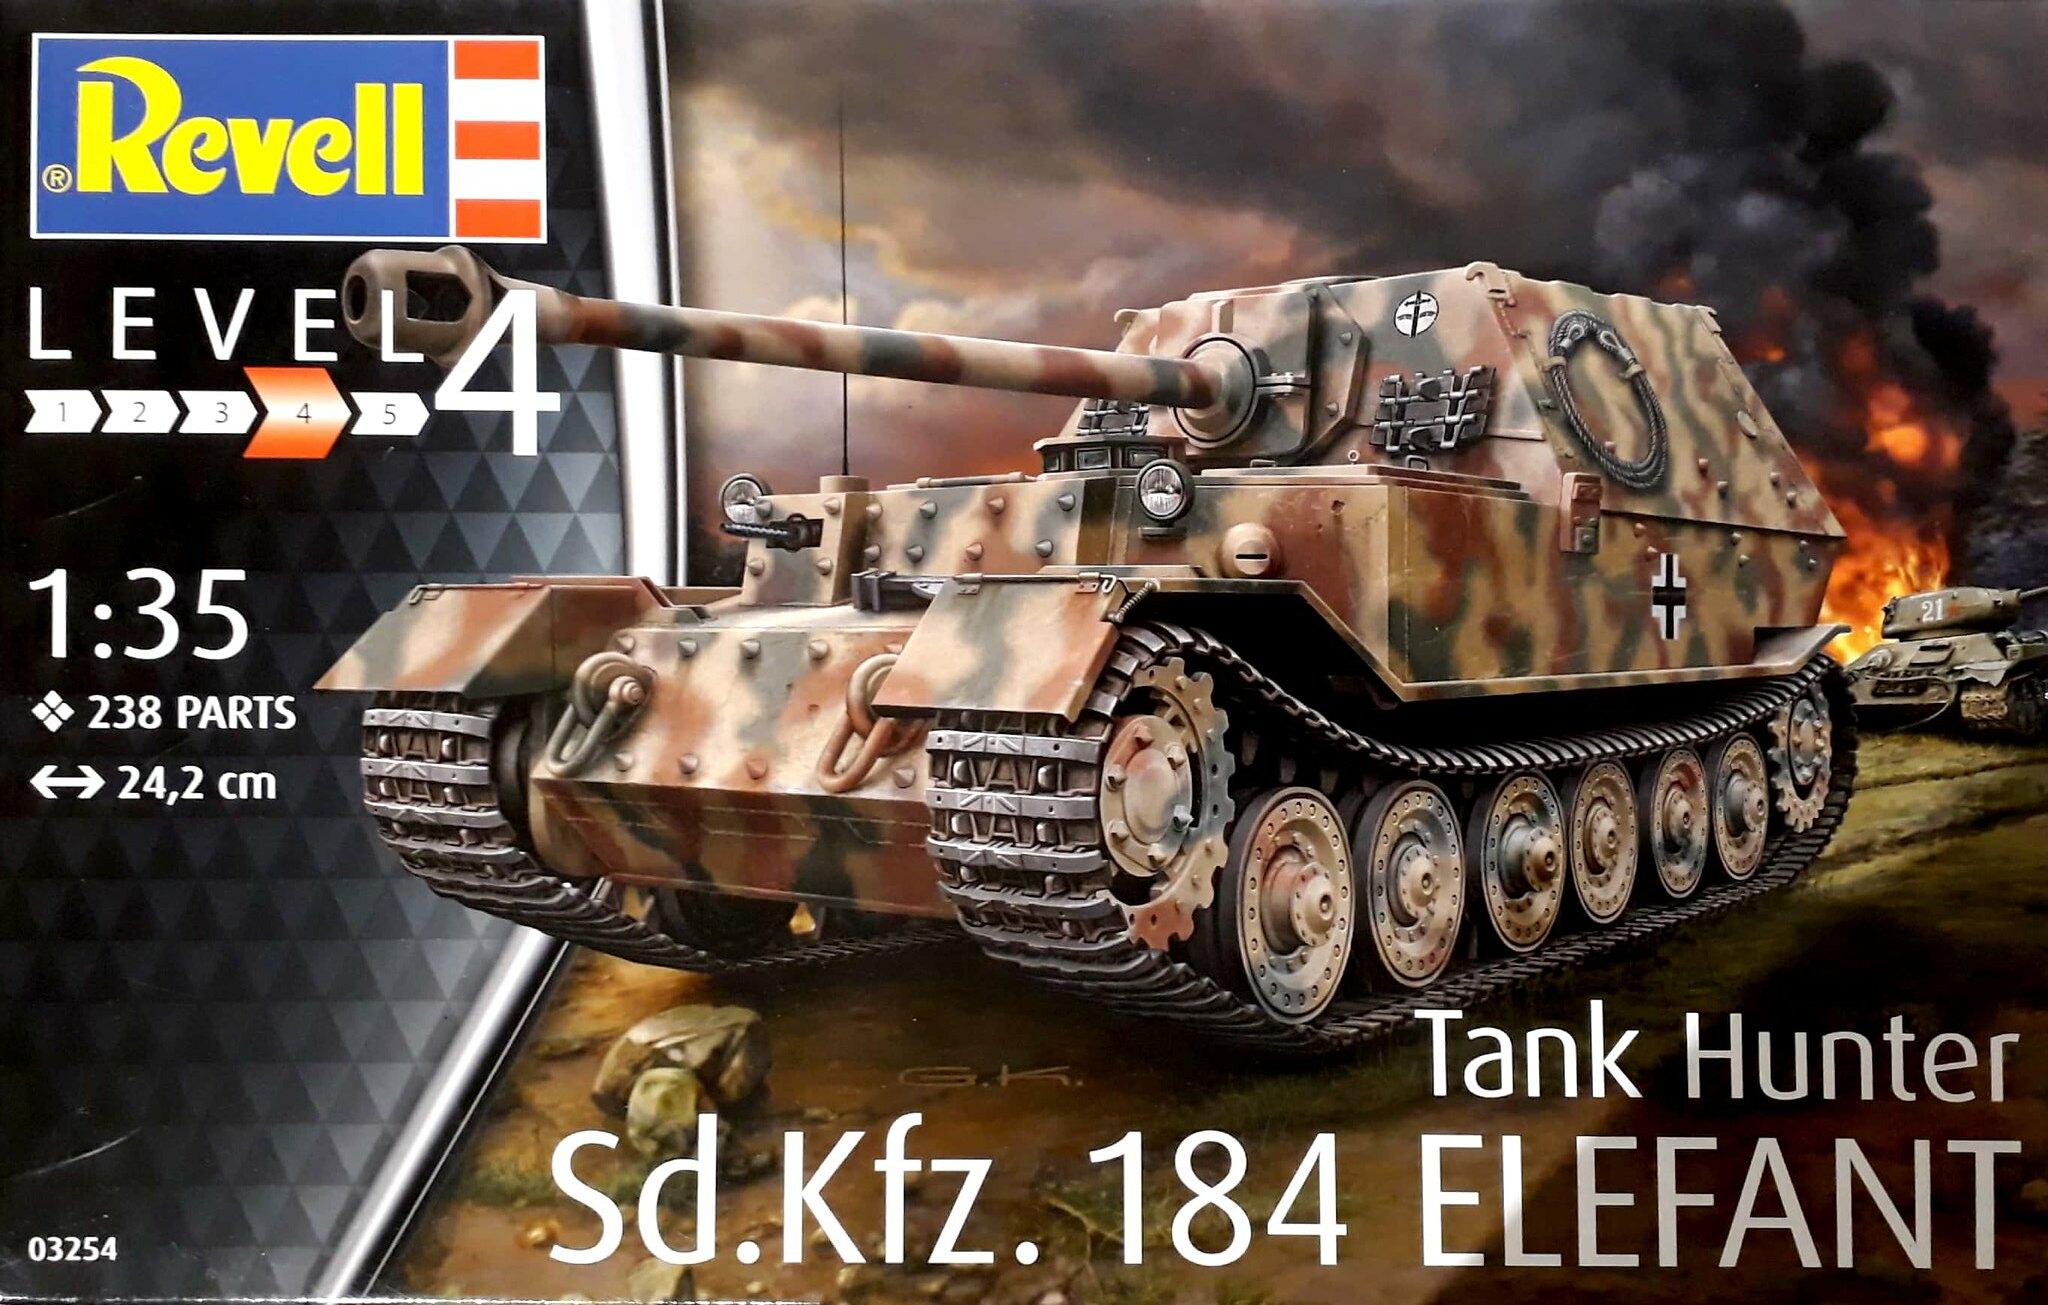 Revell Sd.Kfz.184 Tank Hunter ELEFANT 1:35 Revell 03254   .